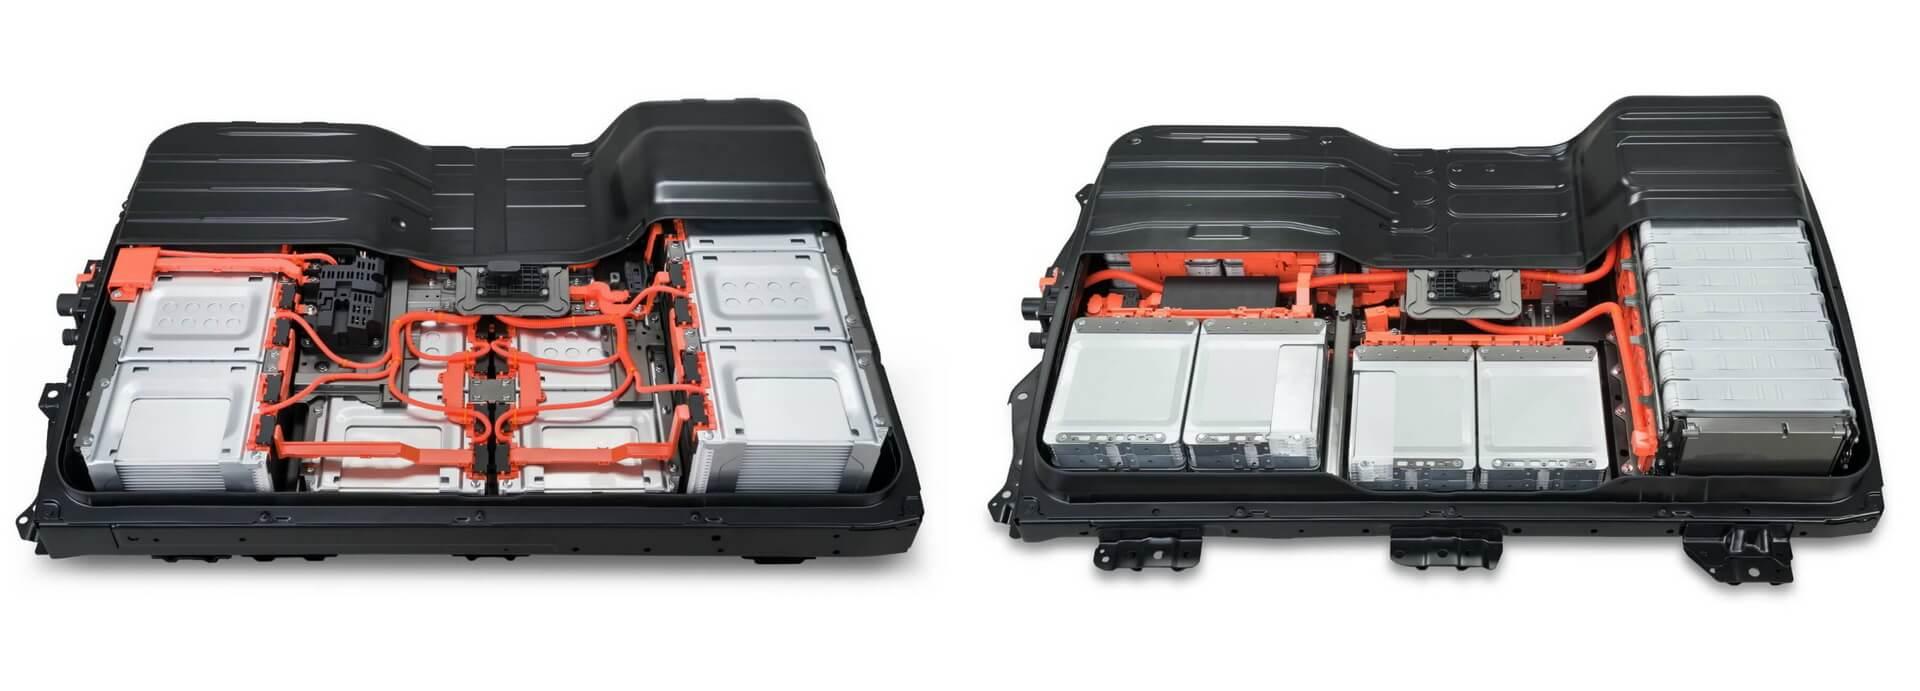 Аккумуляторная батарея Nissan Leaf e+ на 62 кВт⋅ч (слева) и Nissan Leaf 40 кВт⋅ч (справа)